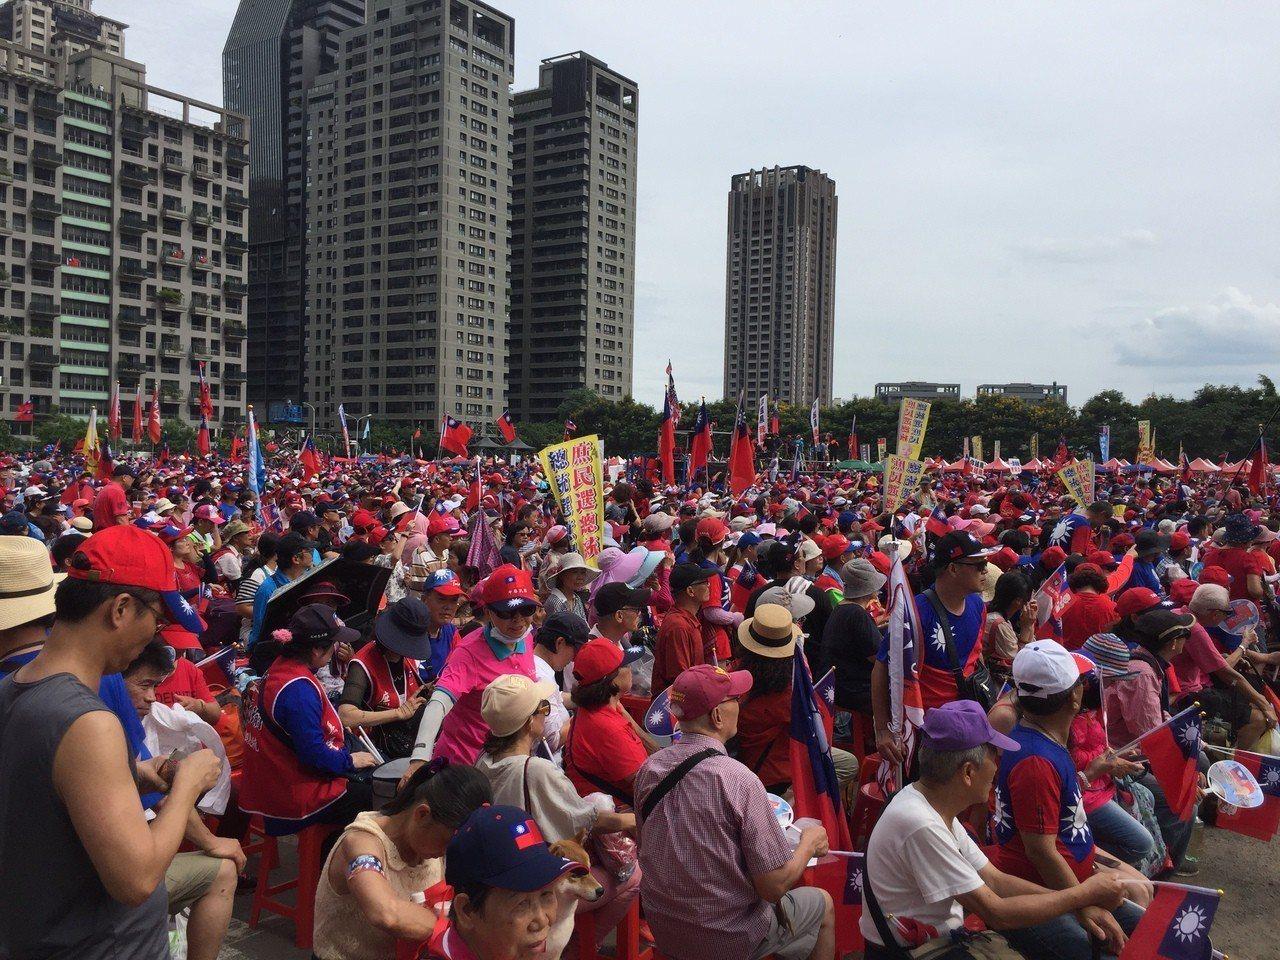 高雄市長韓國瑜今天台中造勢,會場聚集許多韓粉,主辦單位現場宣布超過5萬人。記者余...